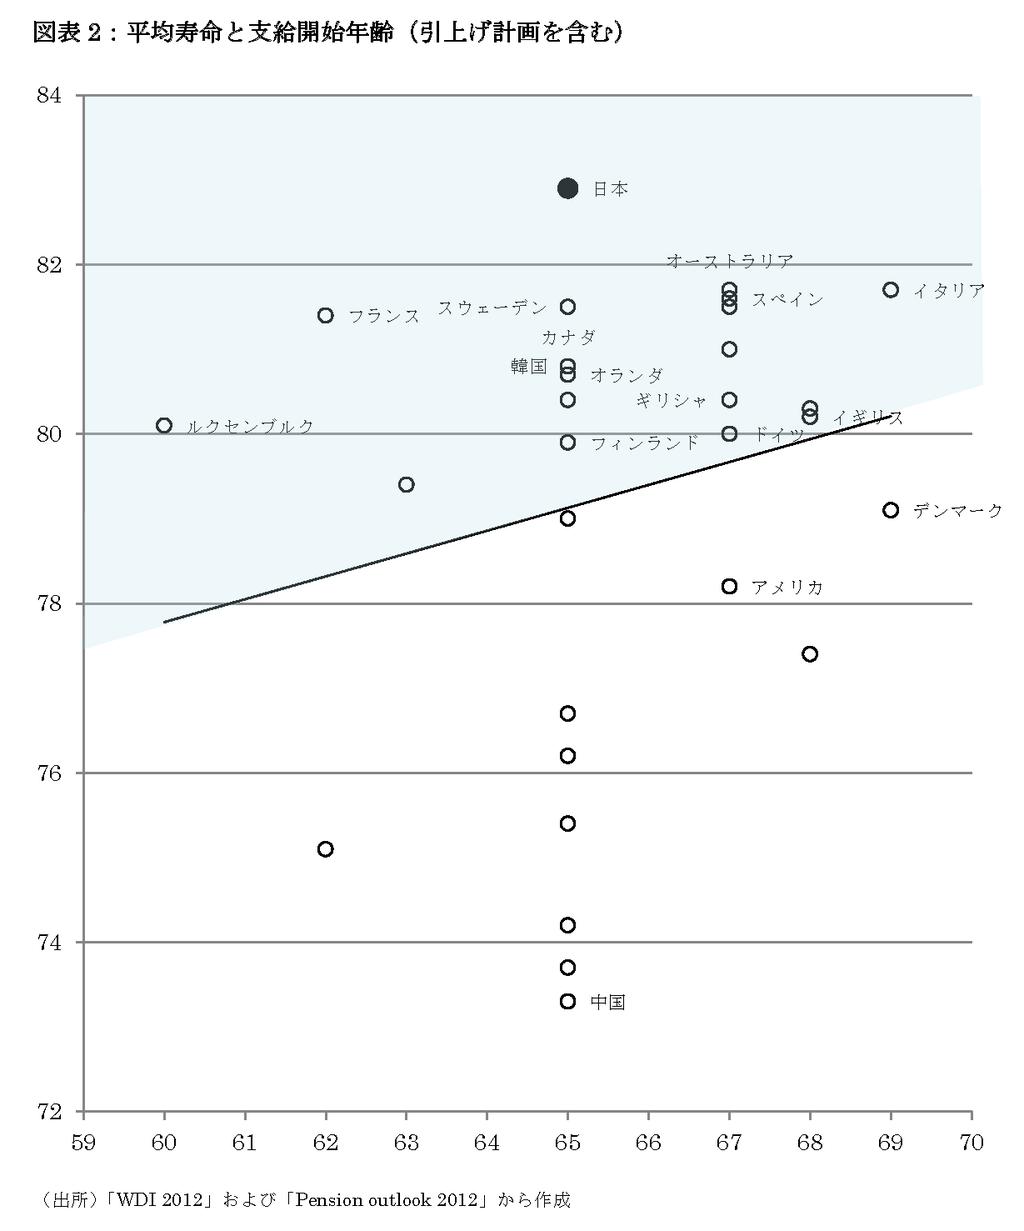 アゴラ第47回(図表2)